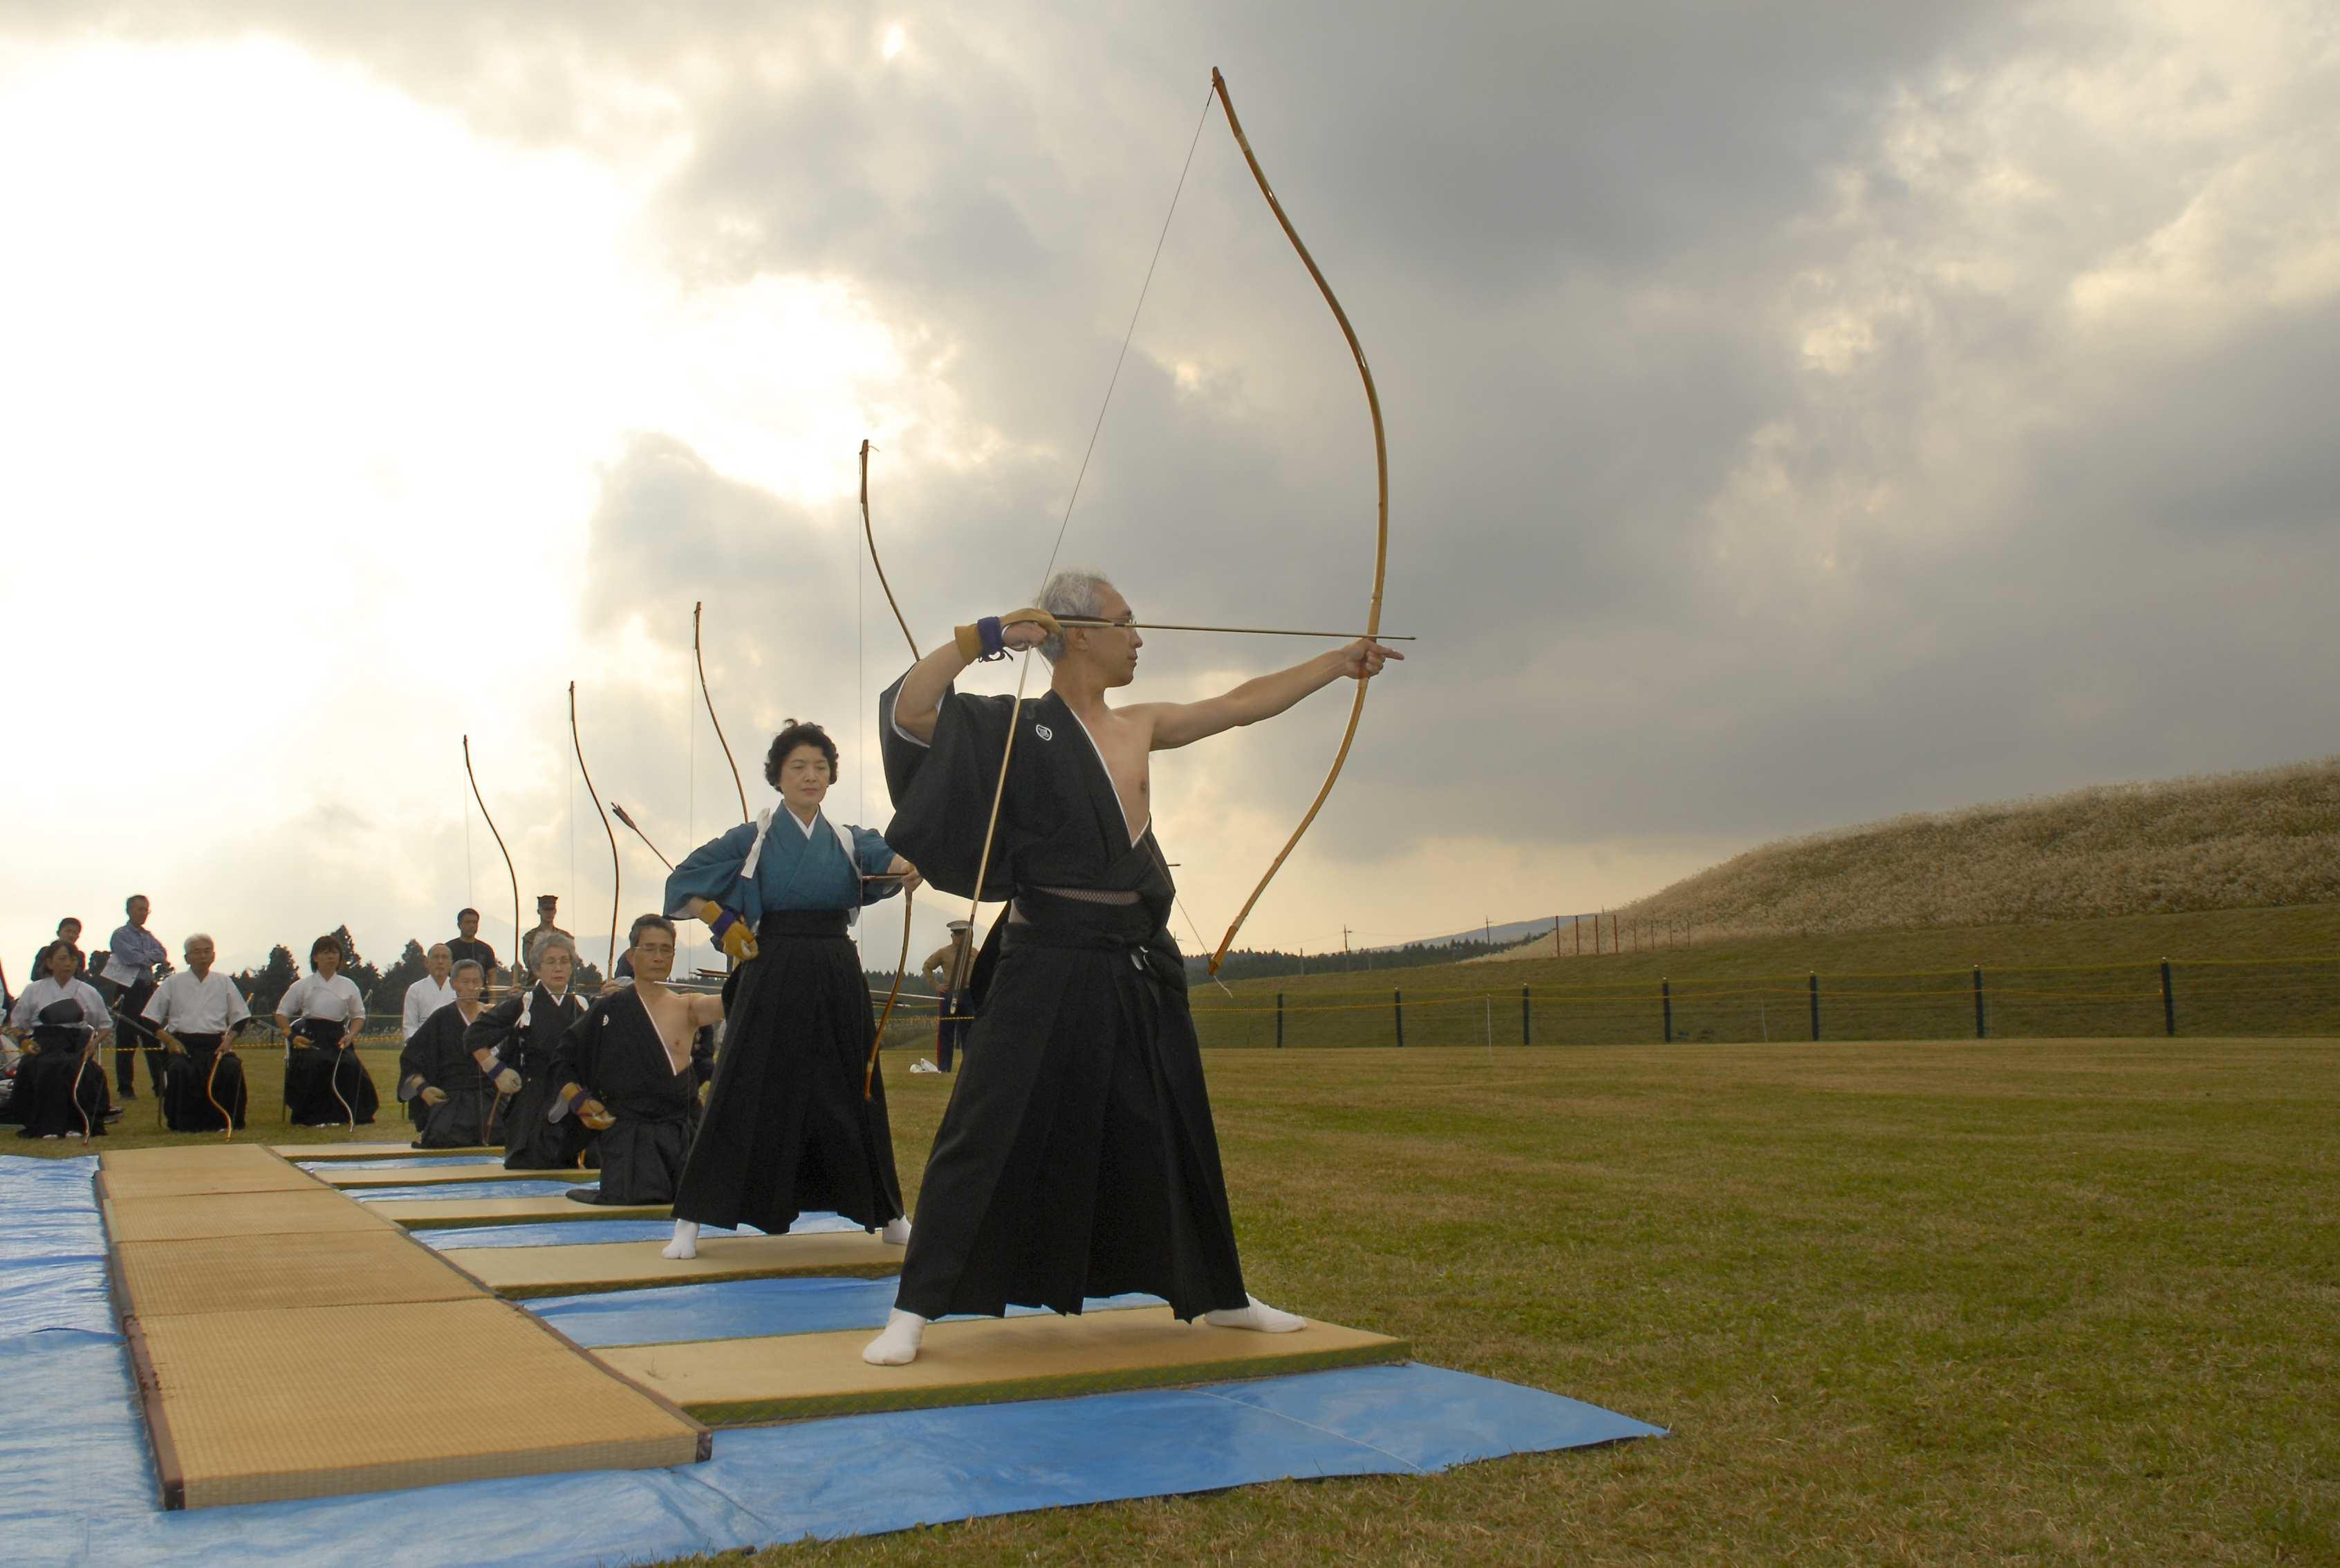 https://anthonyalvaradoanthonyalvarado.files.wordpress.com/2014/09/kyudo_or_the_way_of_archery.jpg